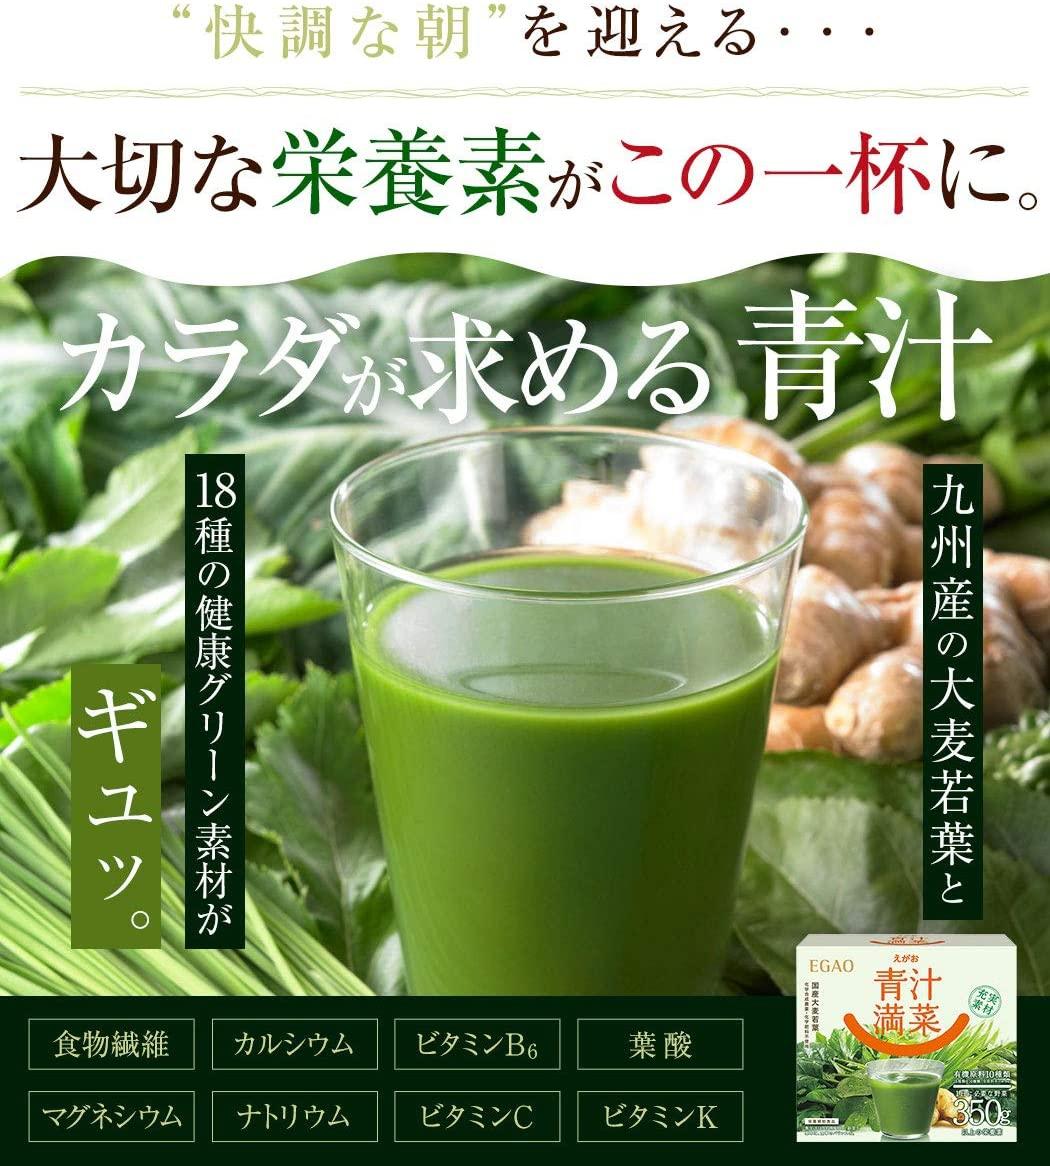 エガオ えがおの青汁満菜の商品画像9